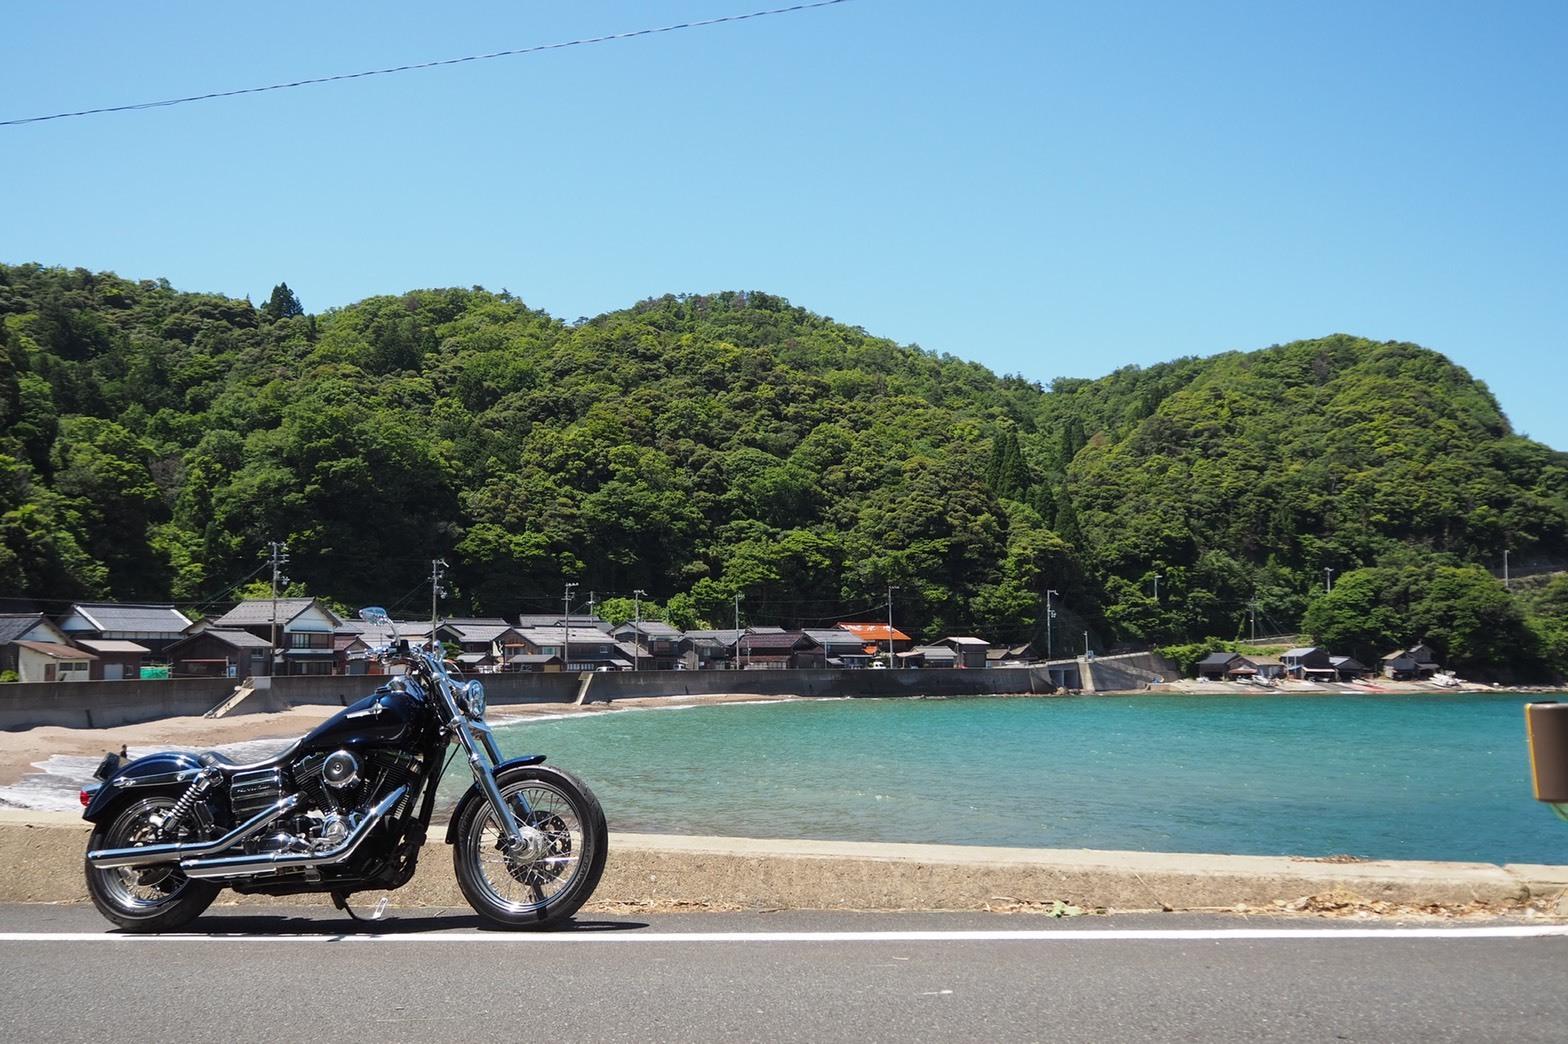 ぴーきち&ダイナ ハーレーブログ 京都丹後半島ツーリンング 海沿いの道 国道178号線